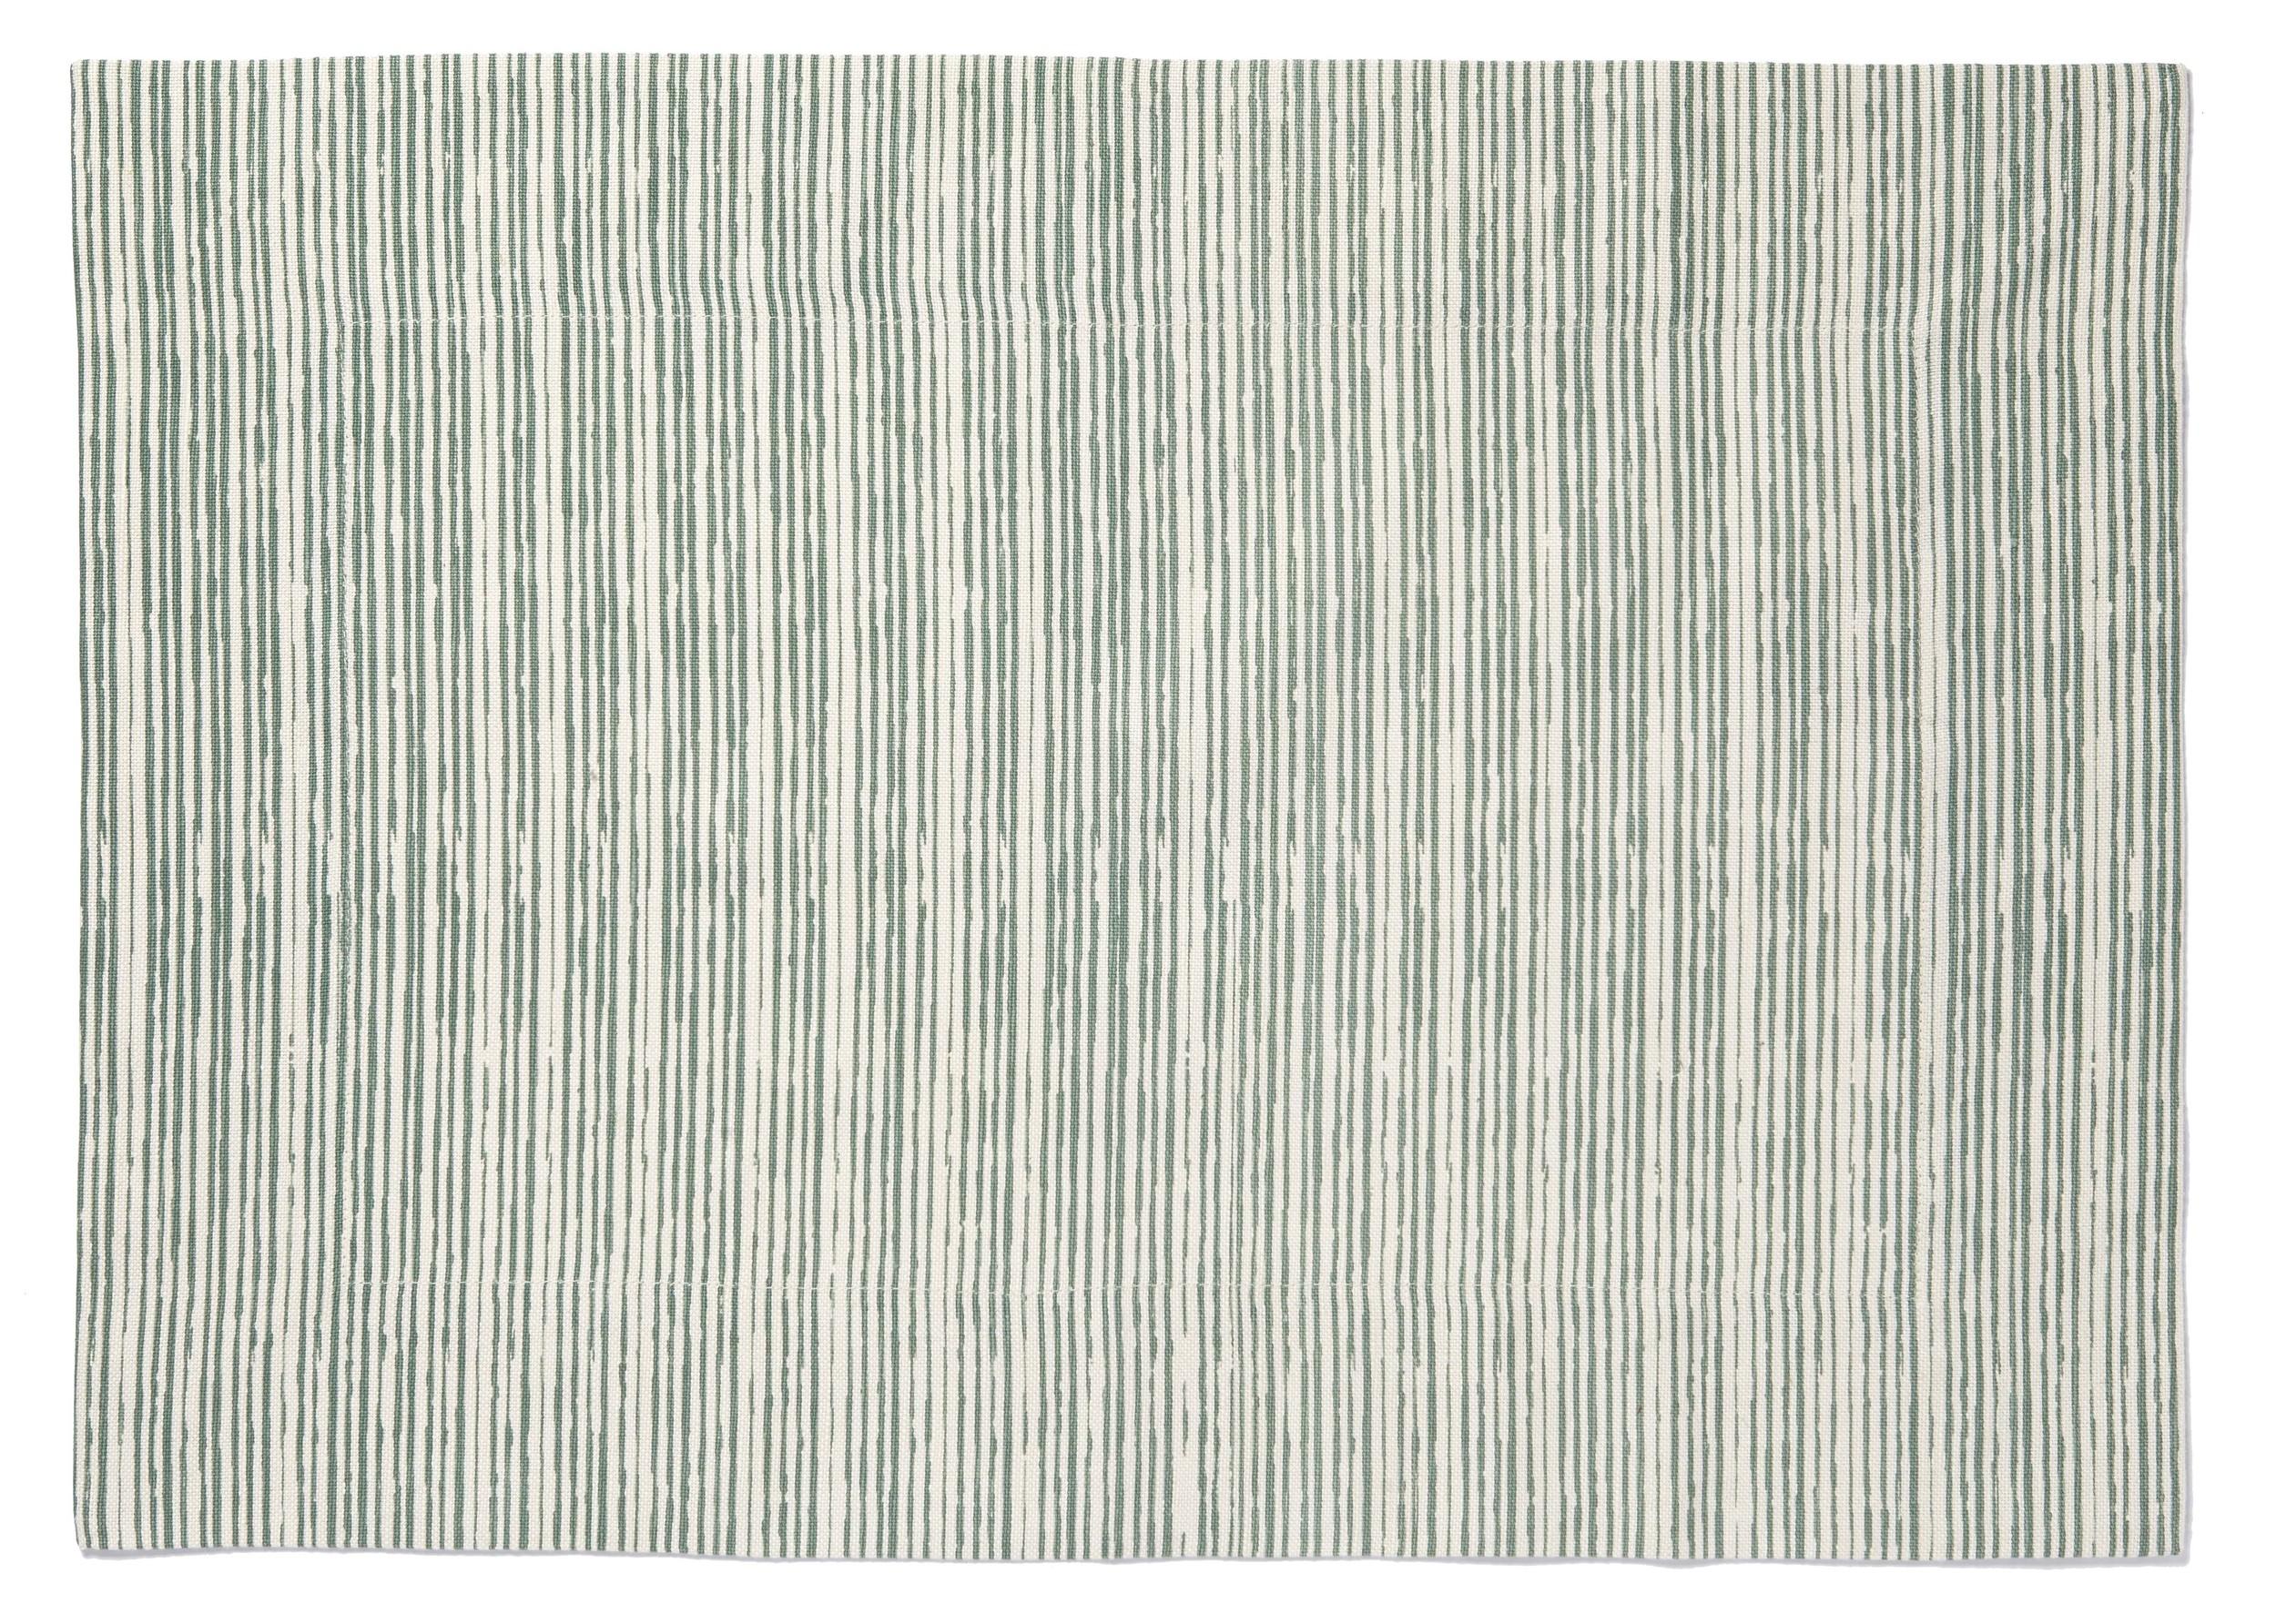 PENP02_Celedon Pencil Lines Placemat.jpg